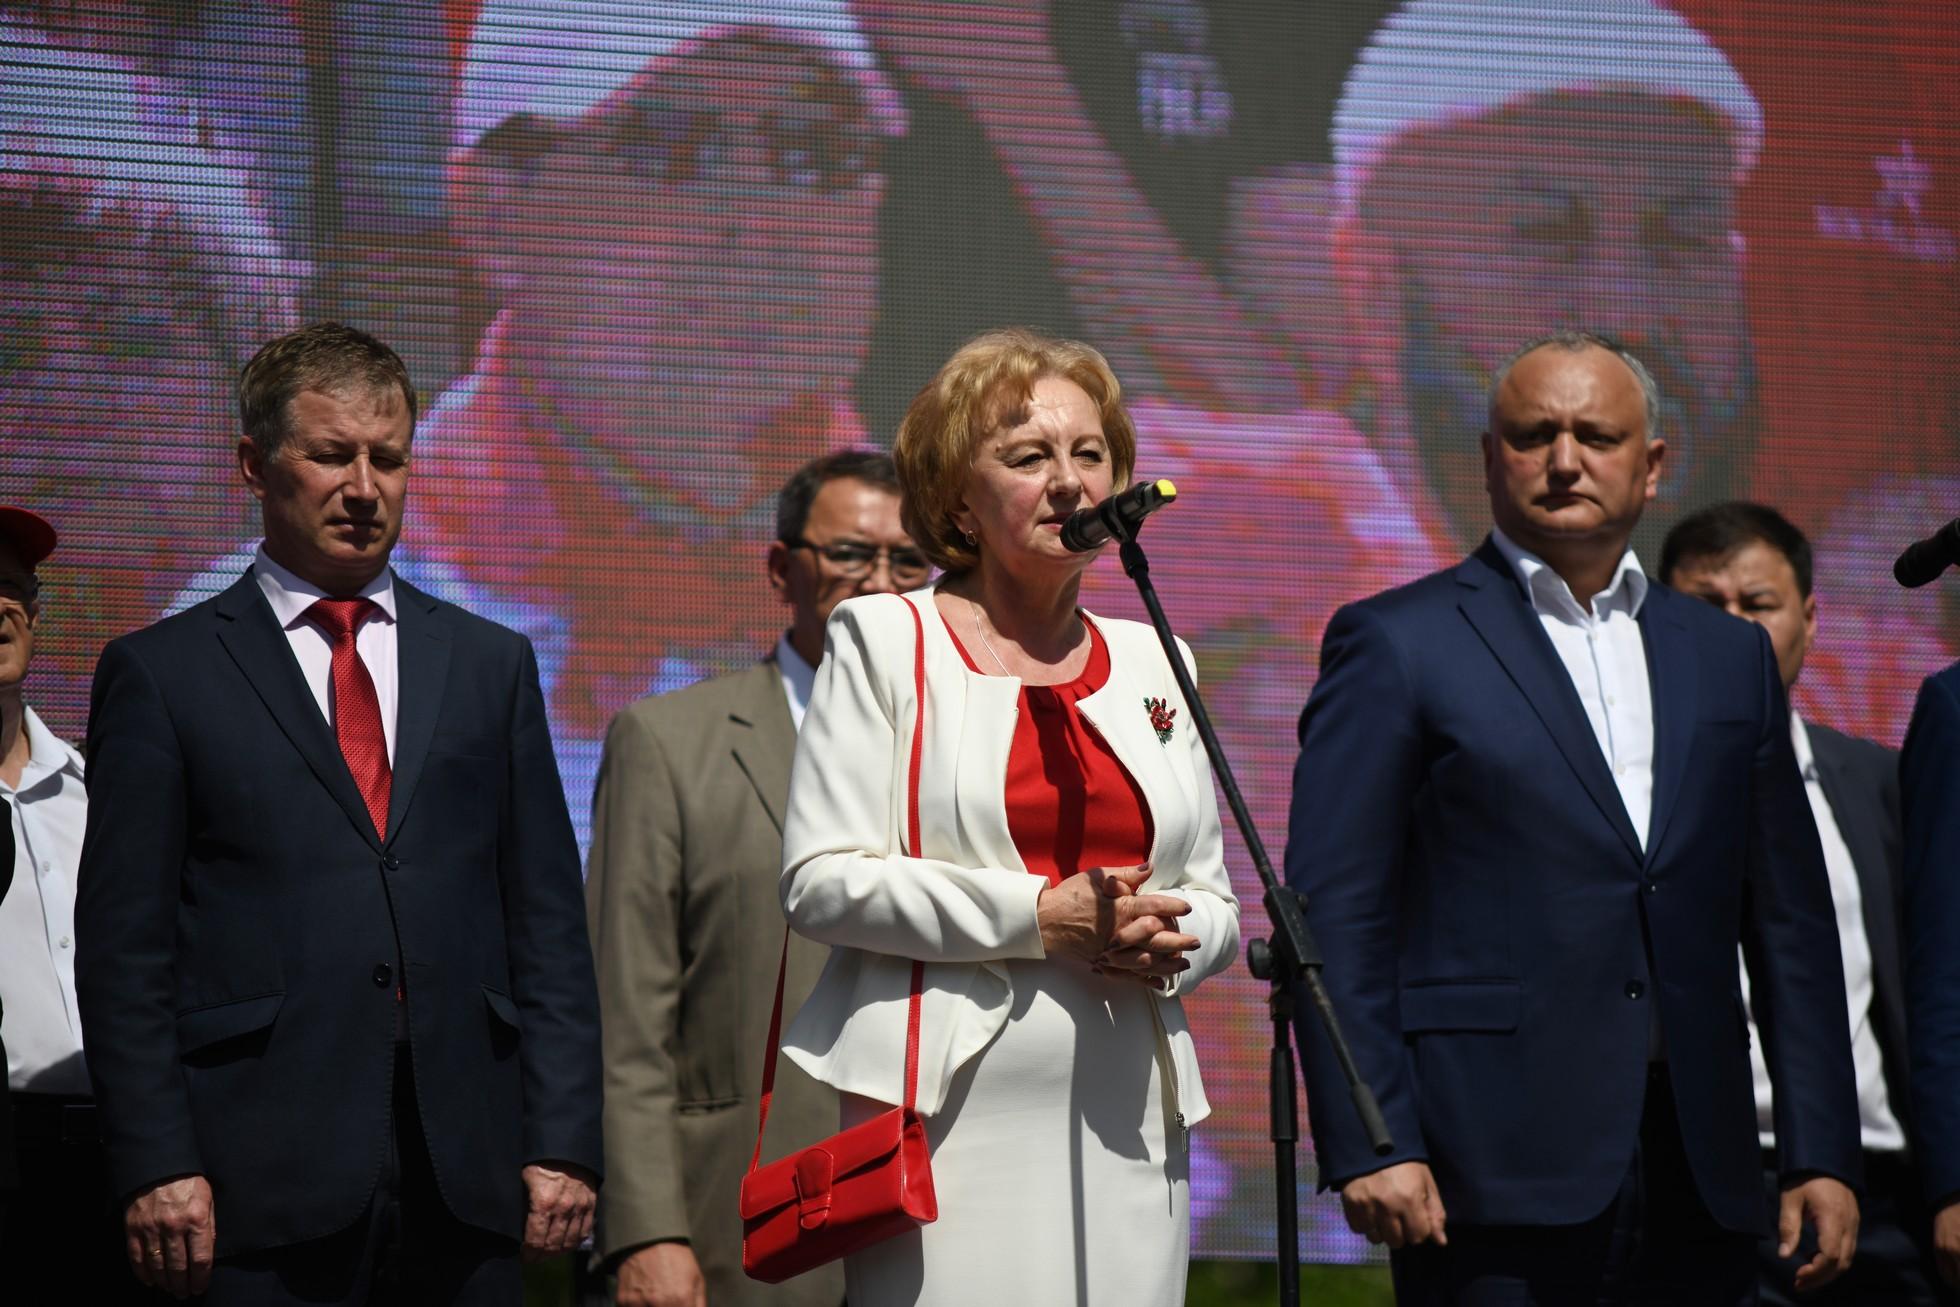 Гречаный: Мы собрали более 1,5 миллиона подписей за президентскую республику (ВИДЕО)